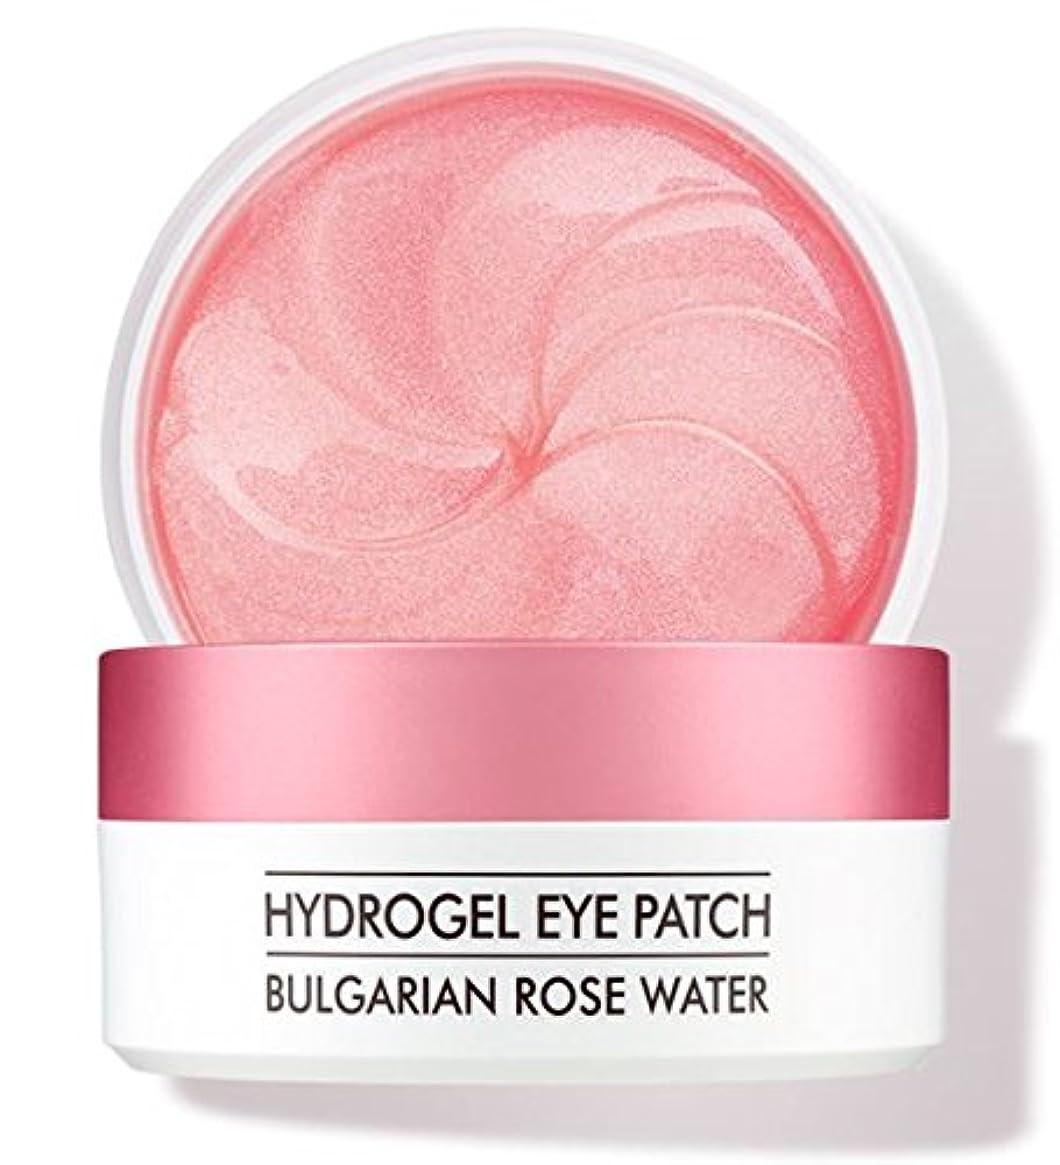 ぐったり過度にミュージカル[NEW] heimish Bulgarian Rose Water Hydrogel Eye Patch 60EA/ヘイミッシュ ブルガリアン ローズ ウォーター ハイドロゲル アイパッチ 60枚入り [並行輸入品]